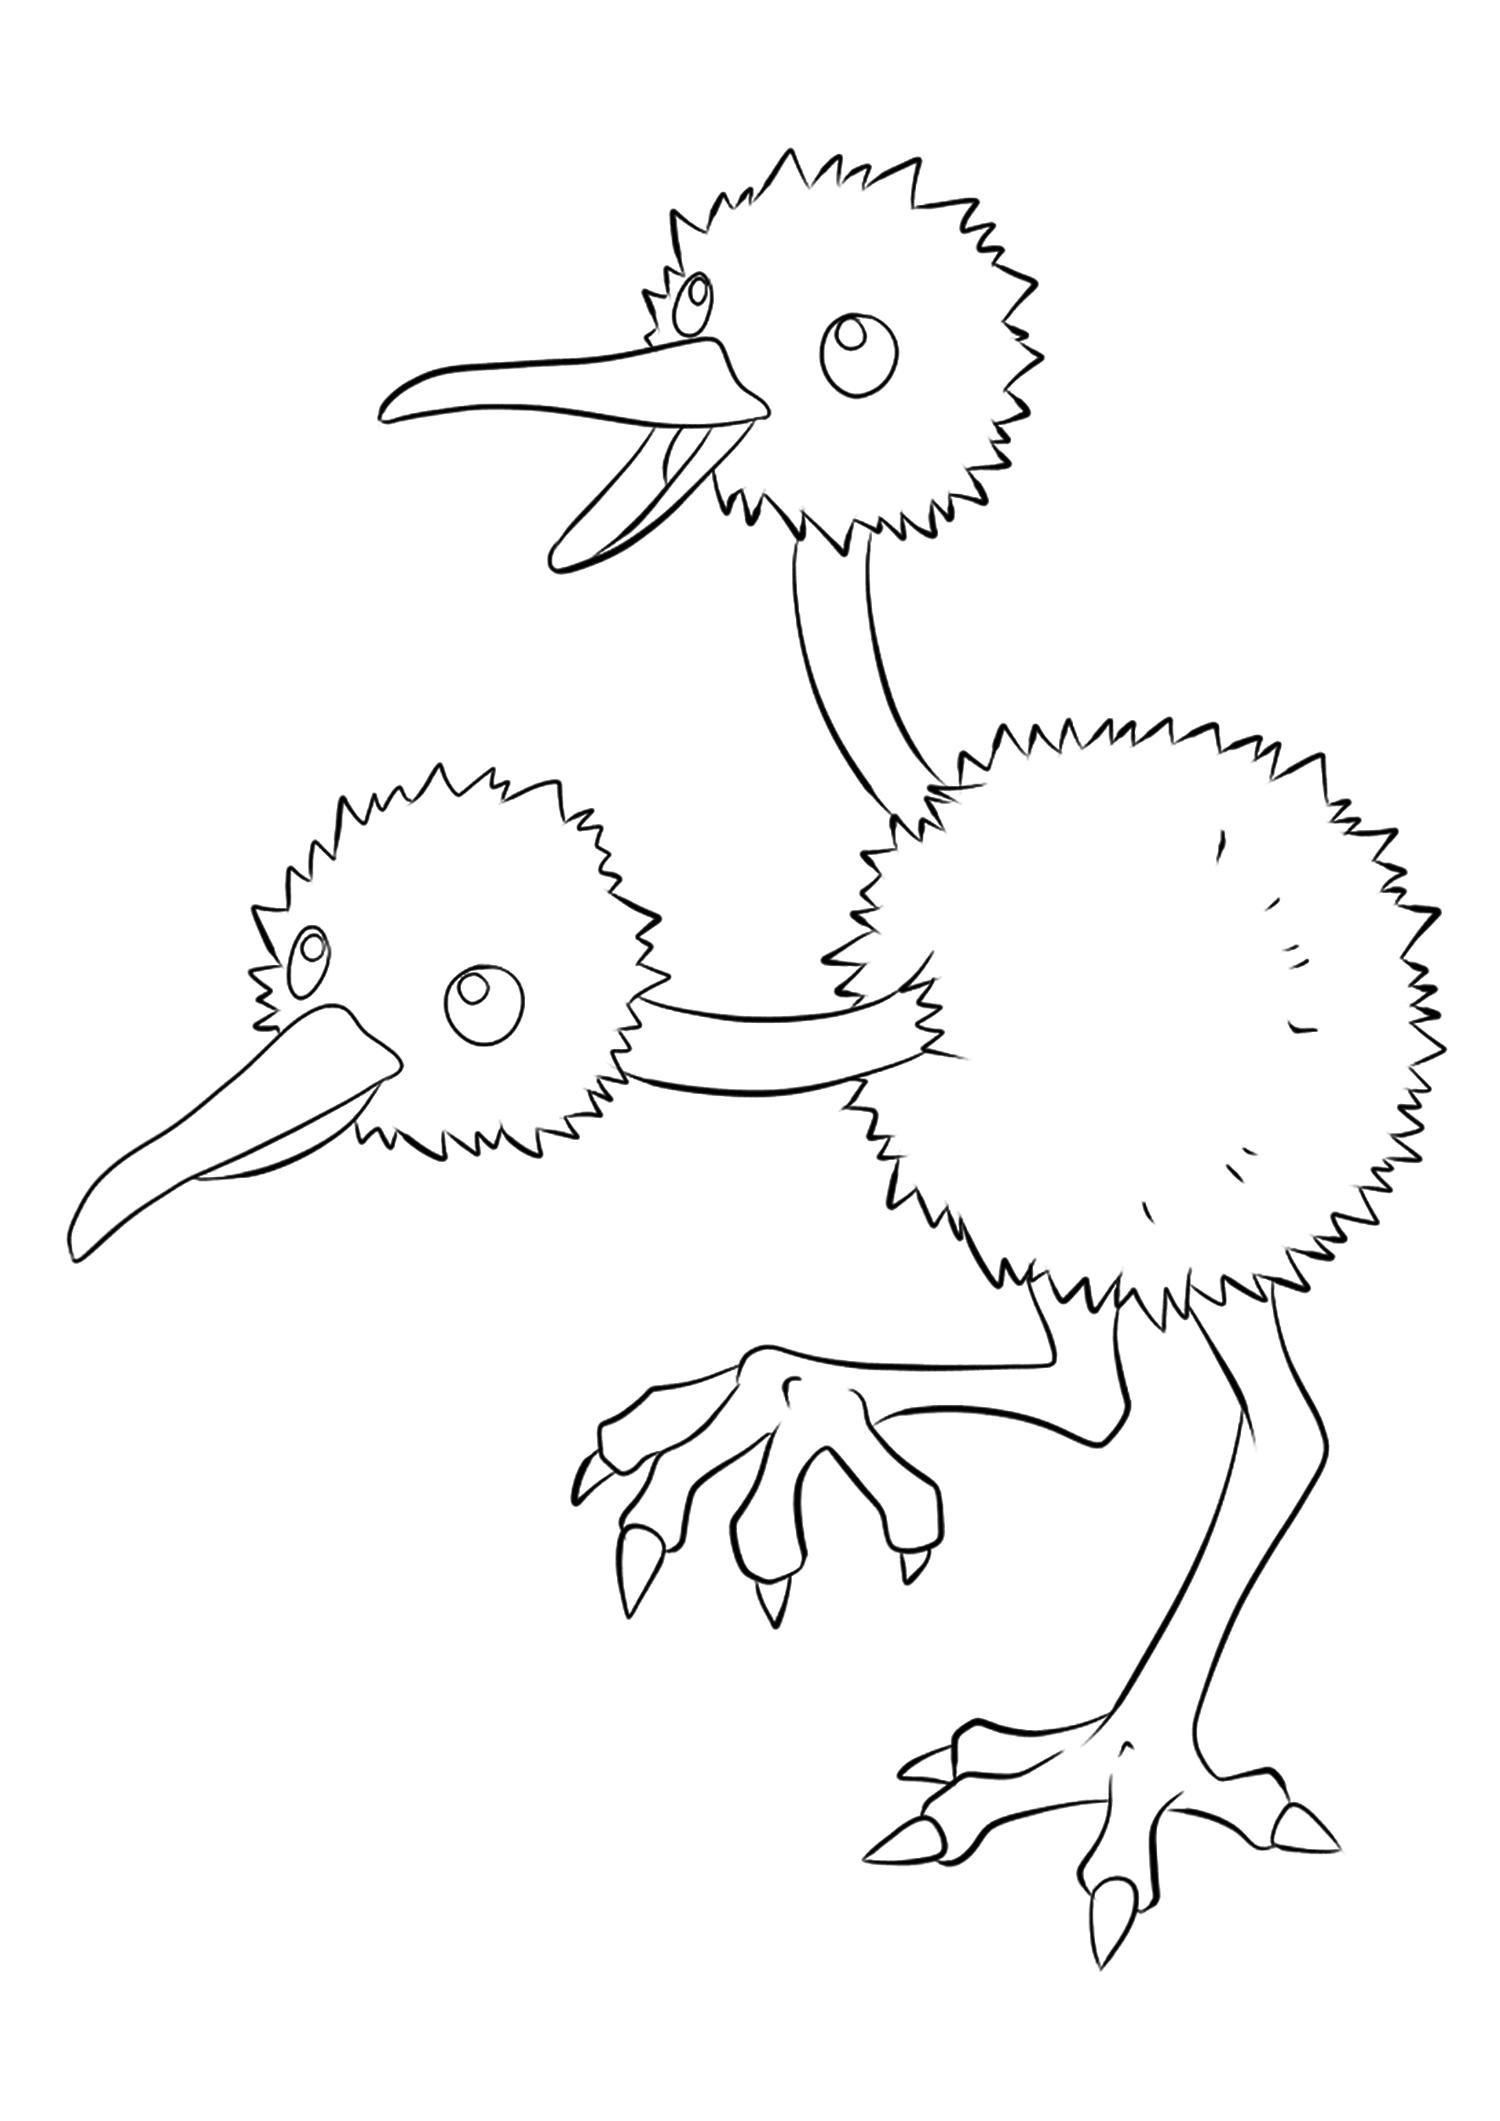 <b>Doduo</b> (No.84) : Pokémon de génération I